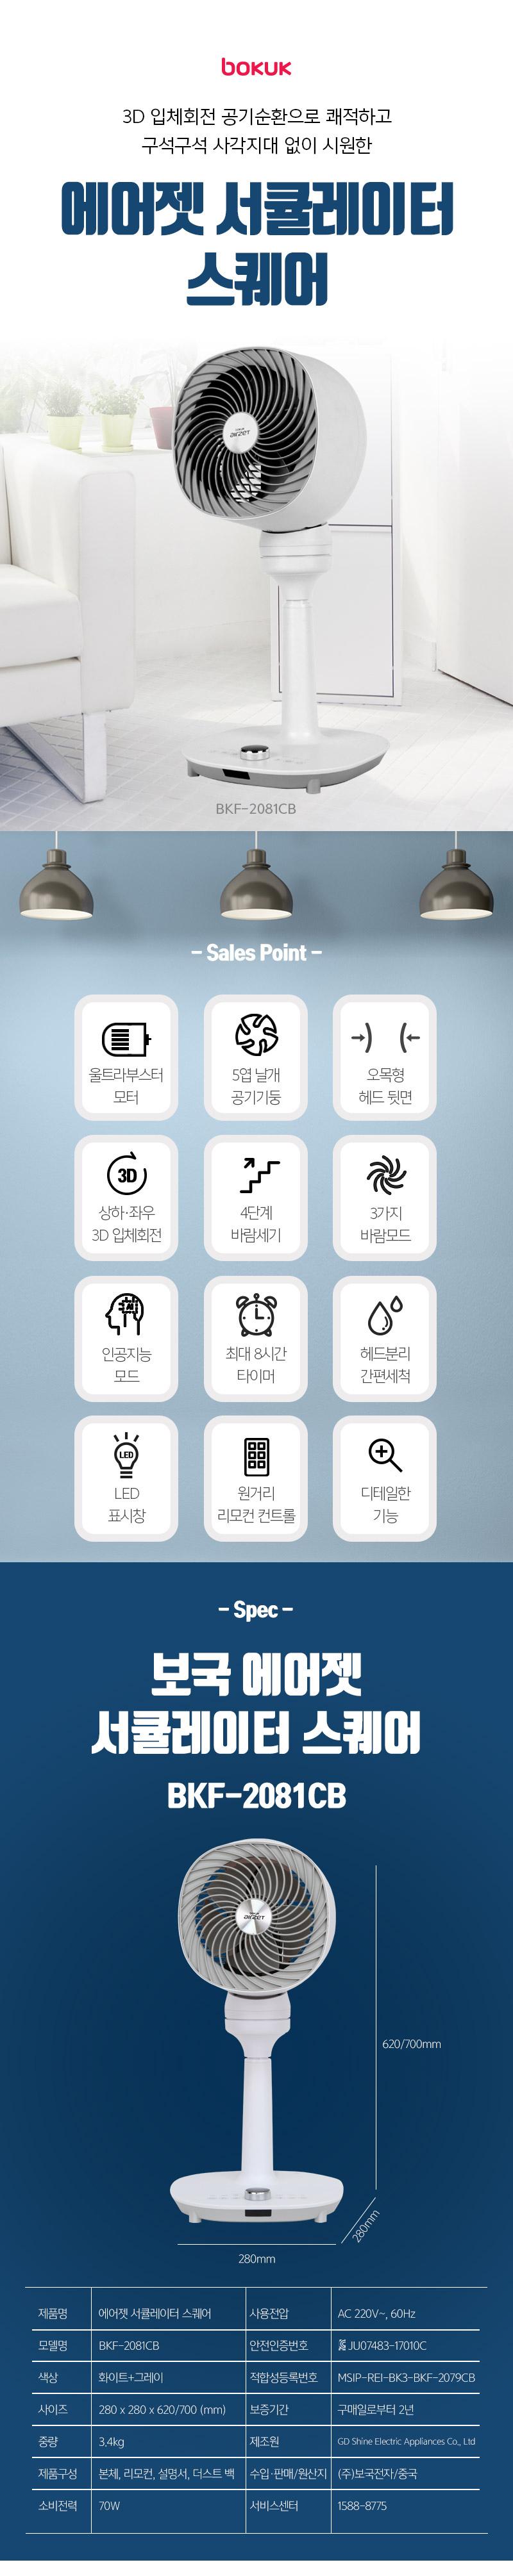 보국BKF-2081CB_상세페이지_01/보국 에어젯 서큘레이터/3D입체회전/공기순환/5엽날개/초저소음/에너지절약/선풍기/공기순환기/장풍팬/써큘레이터/서큘레이터/전용가방/파워팬/토네이도/아웃도어팬/LED랜턴/LED램프/캠피용/캠핑용품/휴대용선풍기/캠핌용선풍기/야외선풍기/박스형선풍기/공기순환기/보국선풍기/스탠드선풍기/좌석용선풍기/리모컨선풍기/리모컨형선풍기/리모콘/리모콘선풍기/리모콘식/가정용선풍기/7인치/7인치선풍기/14인치선풍기/15인치선풍기/16인치선풍기/17인치선풍기/대형선풍기/탁상용선풍기/책상용선풍기/미니선풍기/업소용선풍기/거실용선풍기/5엽선풍기/3엽선풍기/시원한선풍기/전자식선풍기/사무실선풍기/여름/여름가전/여름용품/더위사냥/시원한바람/리모컨식/전자식/미니/선물/크리스마스/효도/여친/남친/기념일/추석/명절